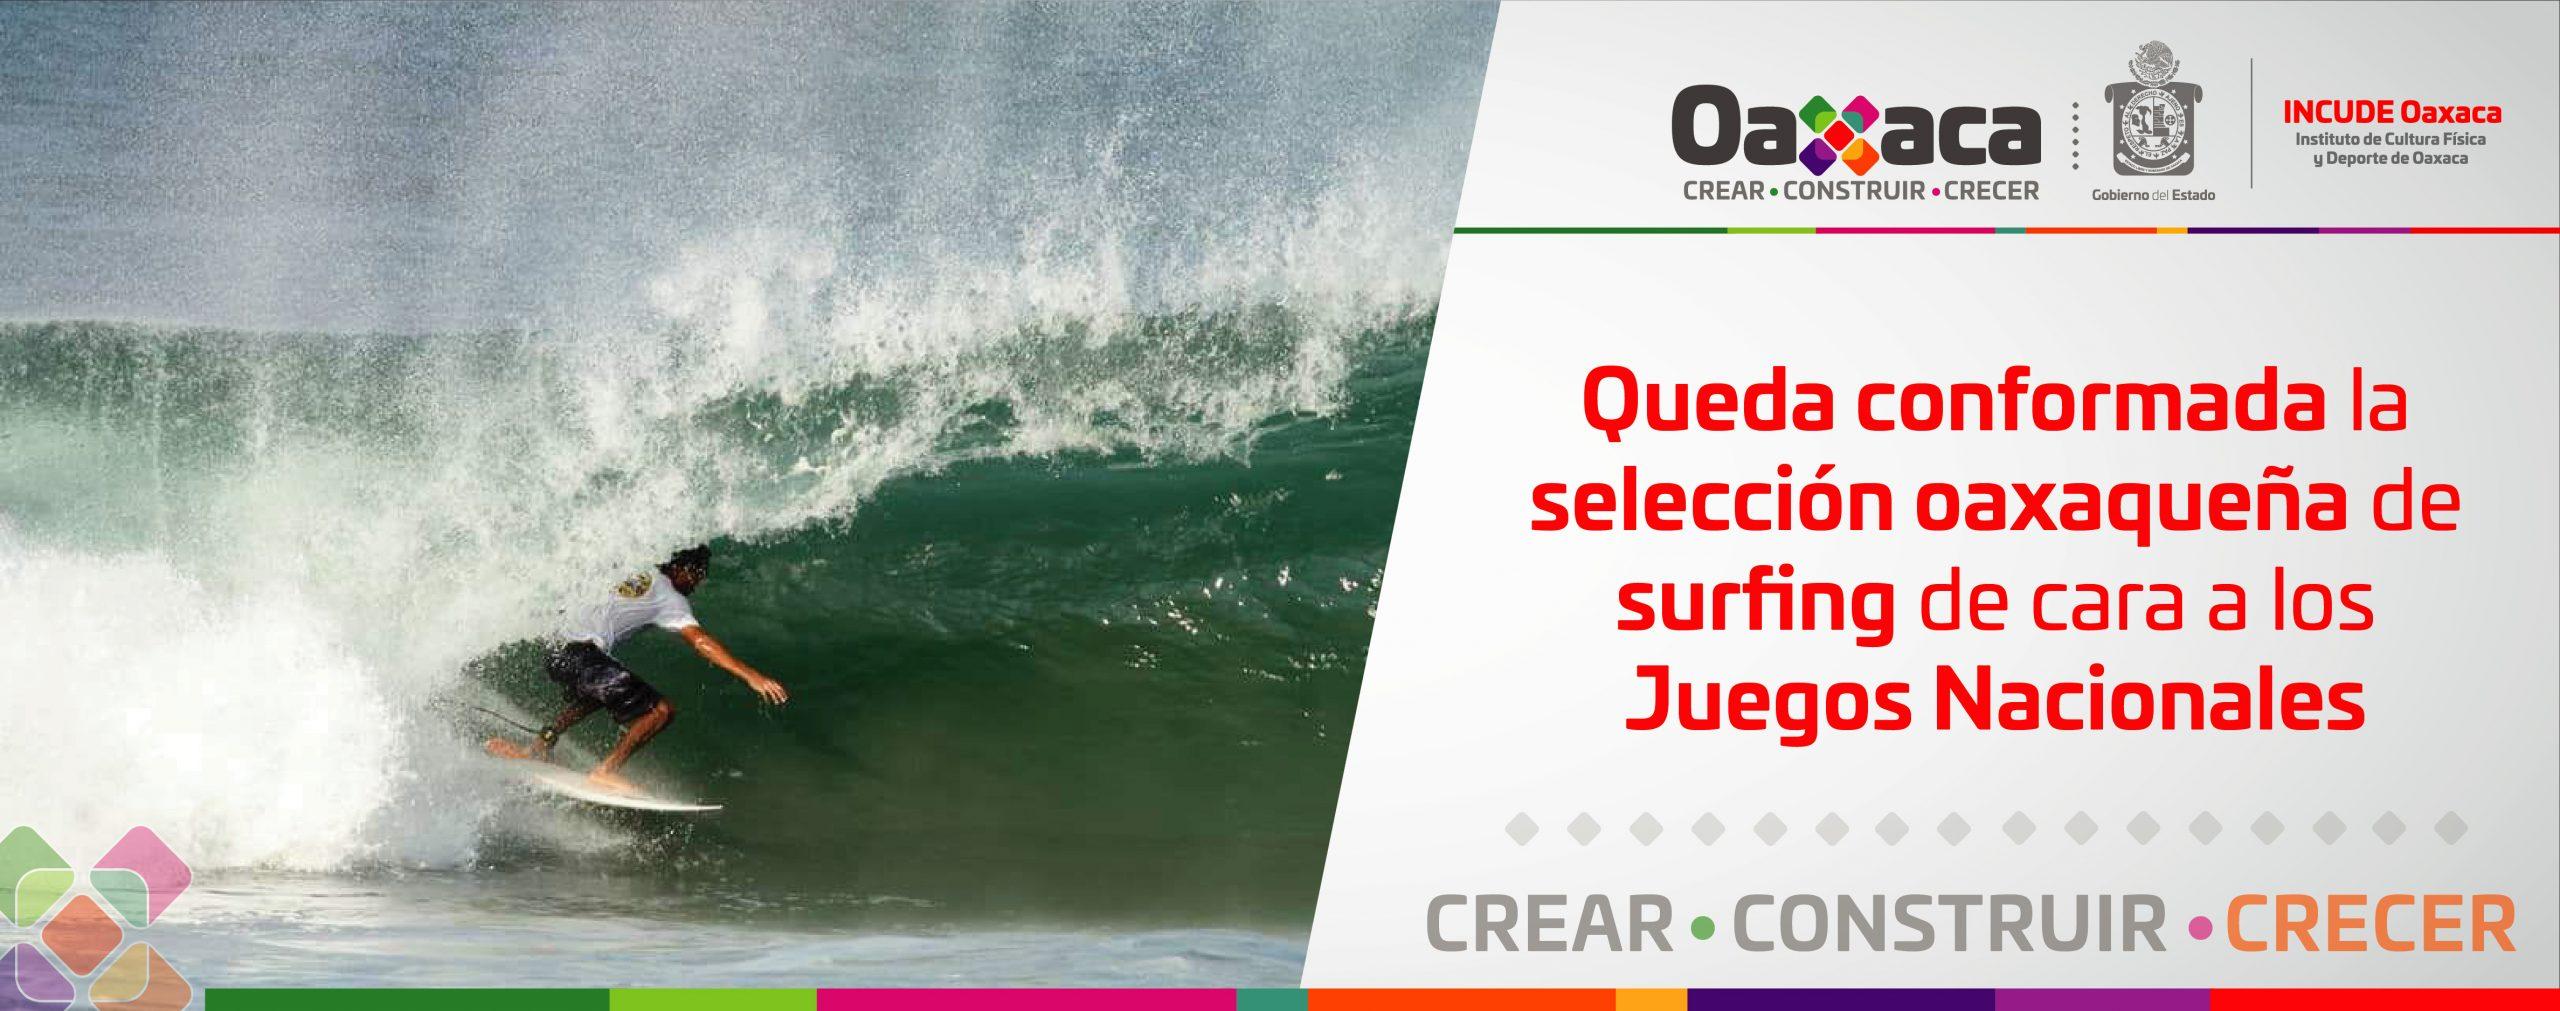 Queda conformada la selección oaxaqueña de surfing de cara a los Juegos Nacionales Conade